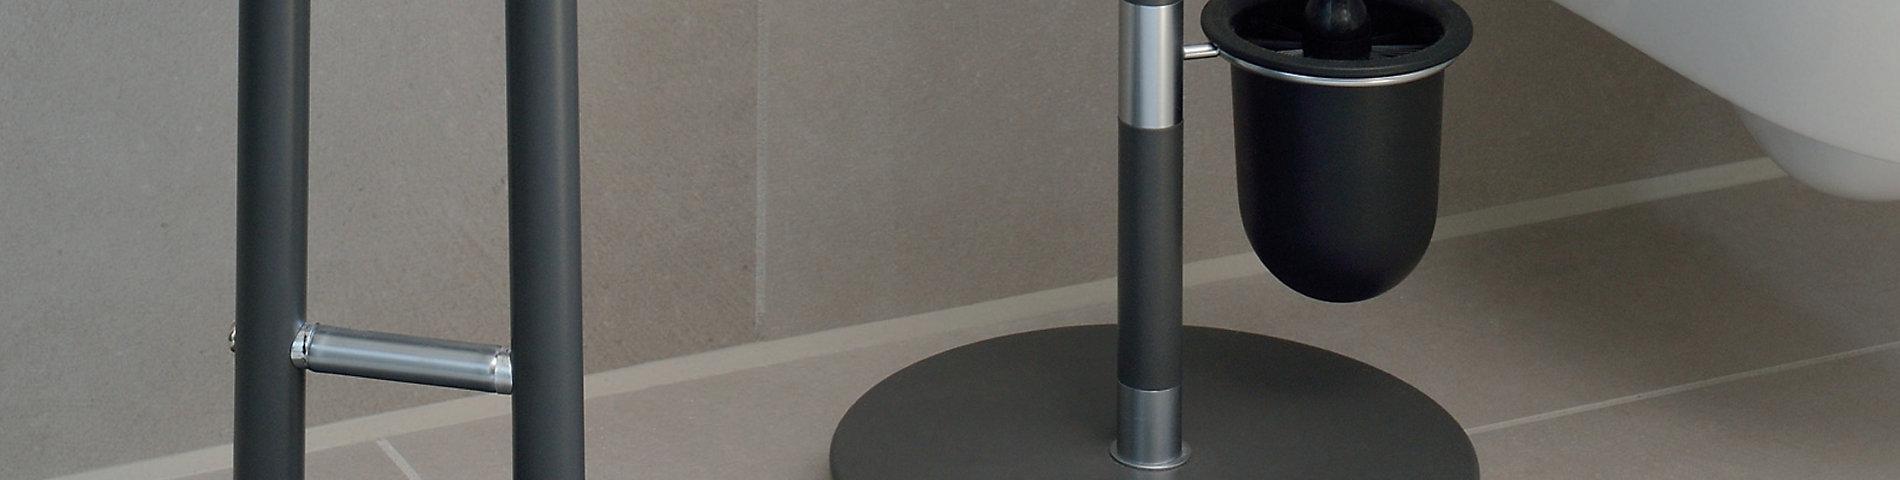 Badezimmer stilvoll einrichten mit der Kela-Serie Sinerio